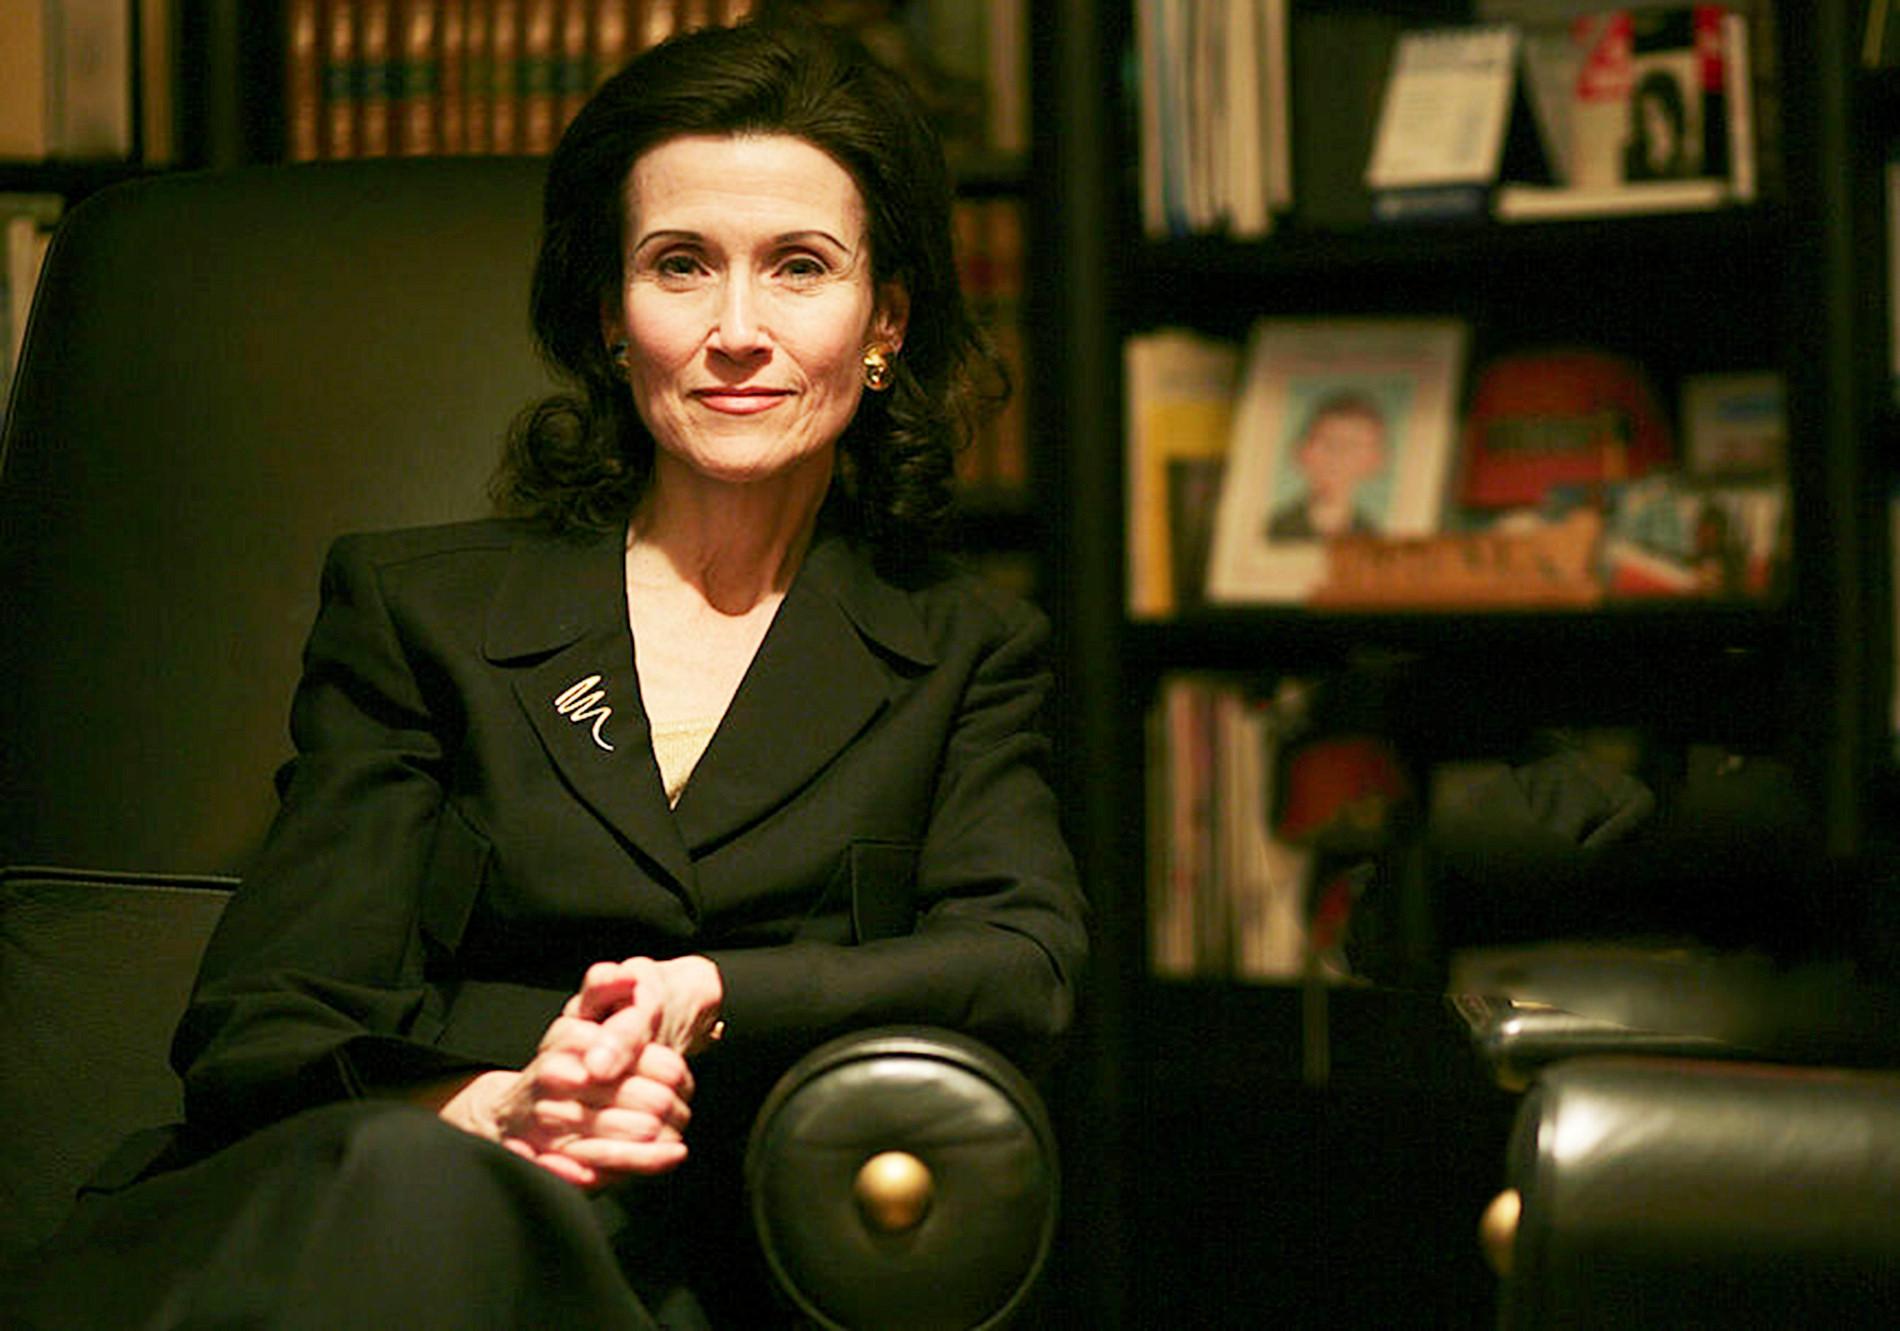 ... thông minh nhất thế giới trong 5 năm liên tiếp. Marilyn vos Savant (IQ  190) sinh năm 1946, là nhà báo, tác